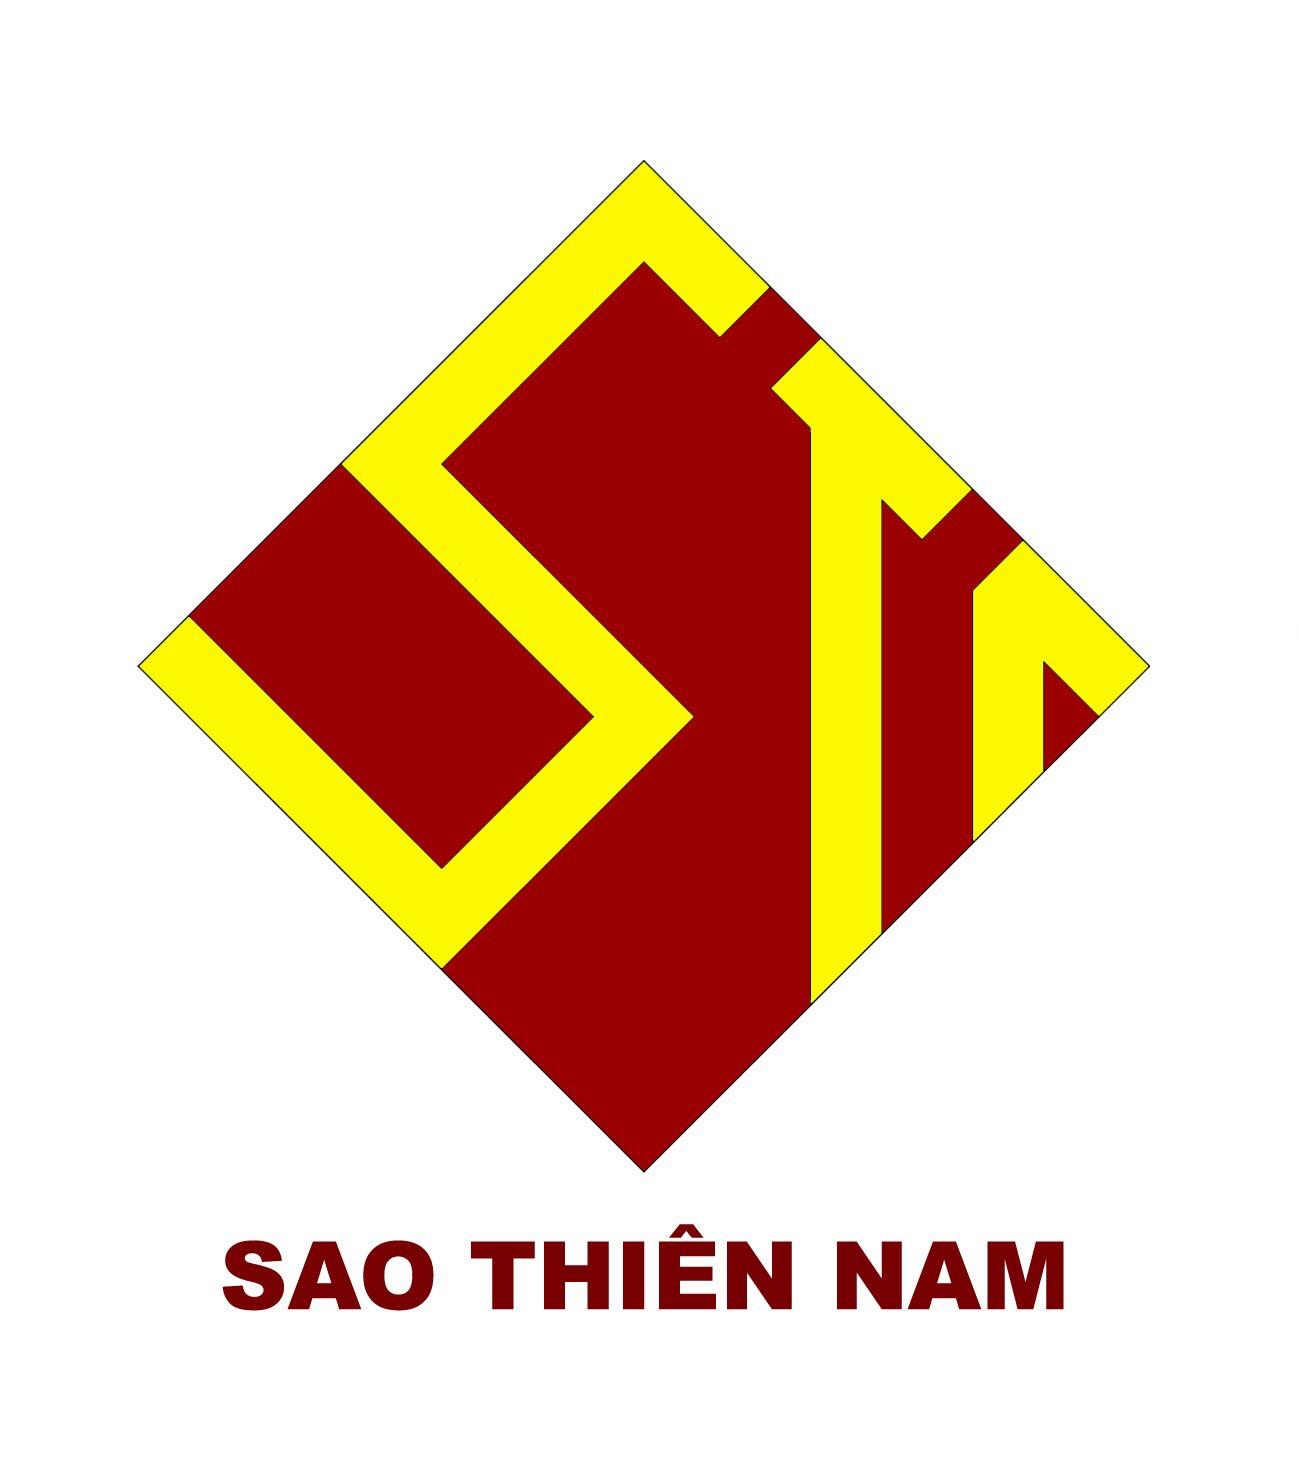 Công Ty TNHH TM & DV Sao Thiên Nam